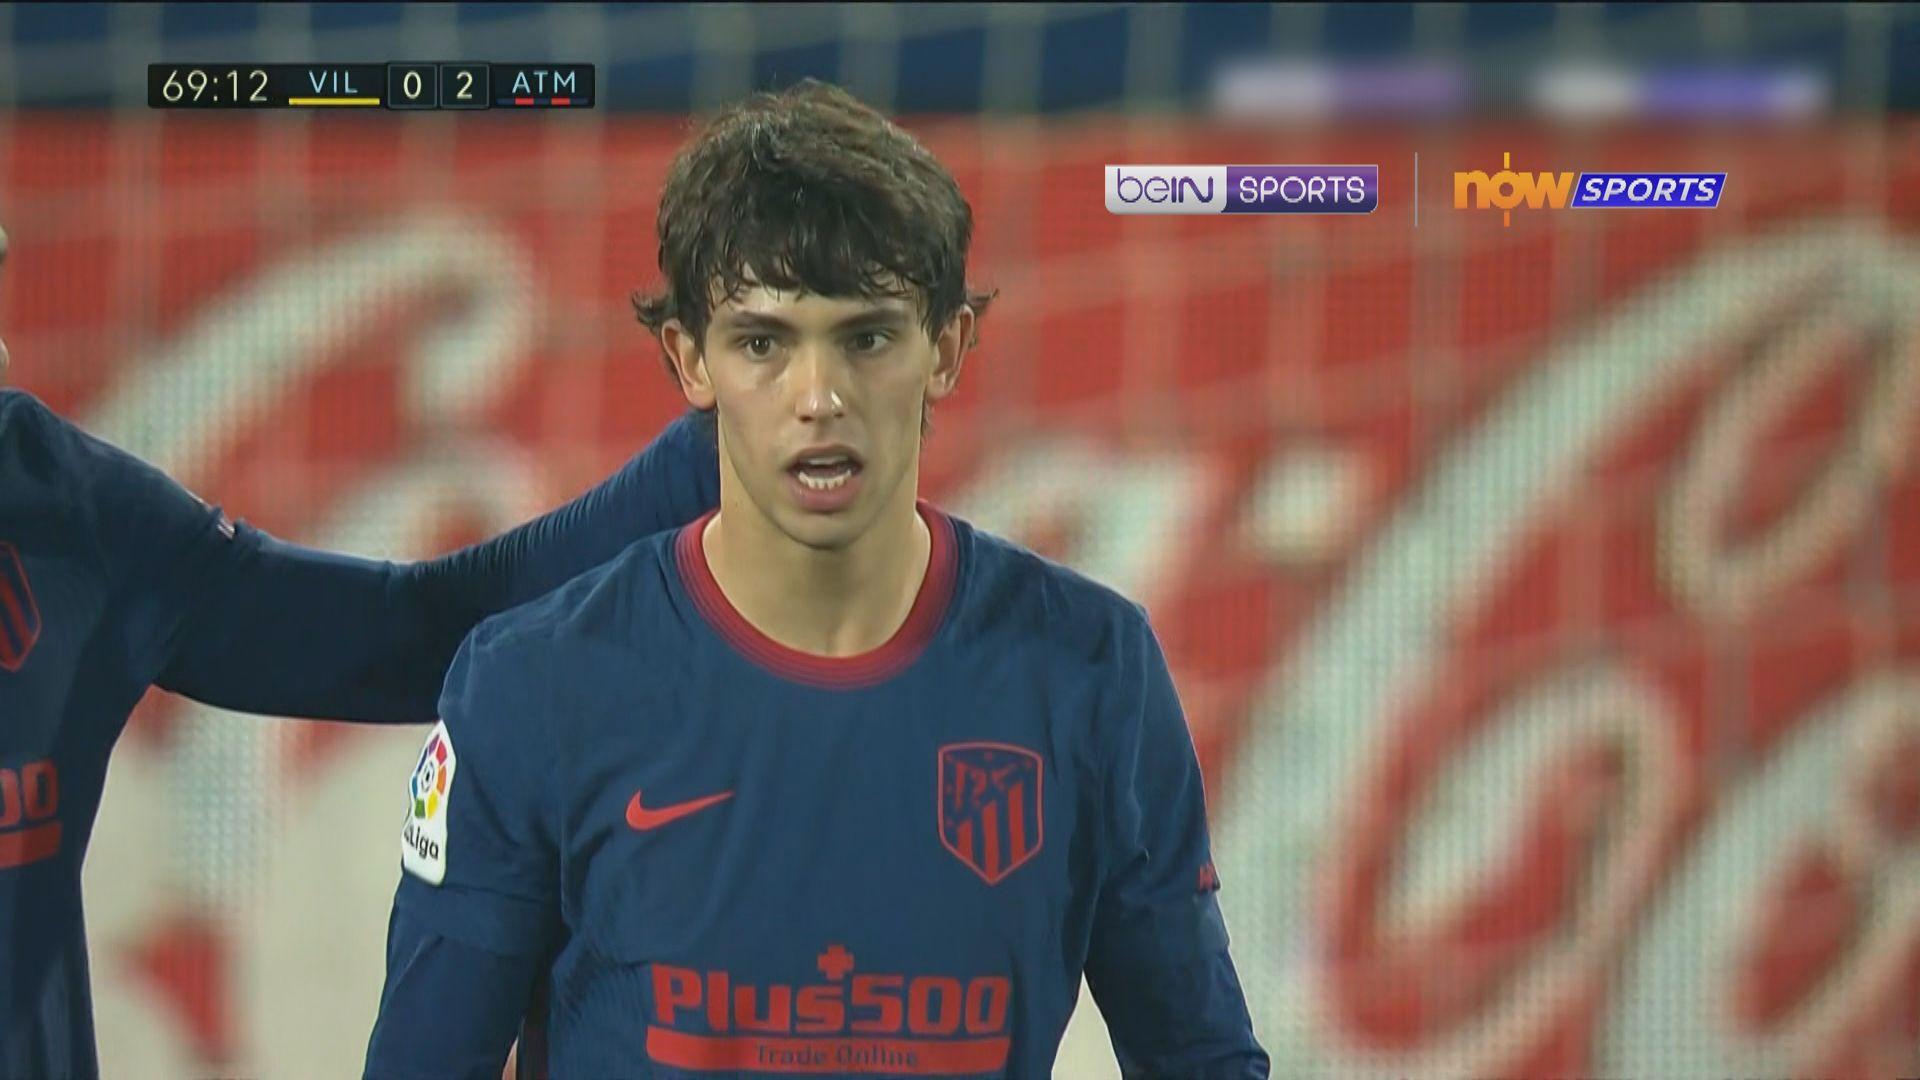 西甲 維拉利爾0:2馬德里體育會